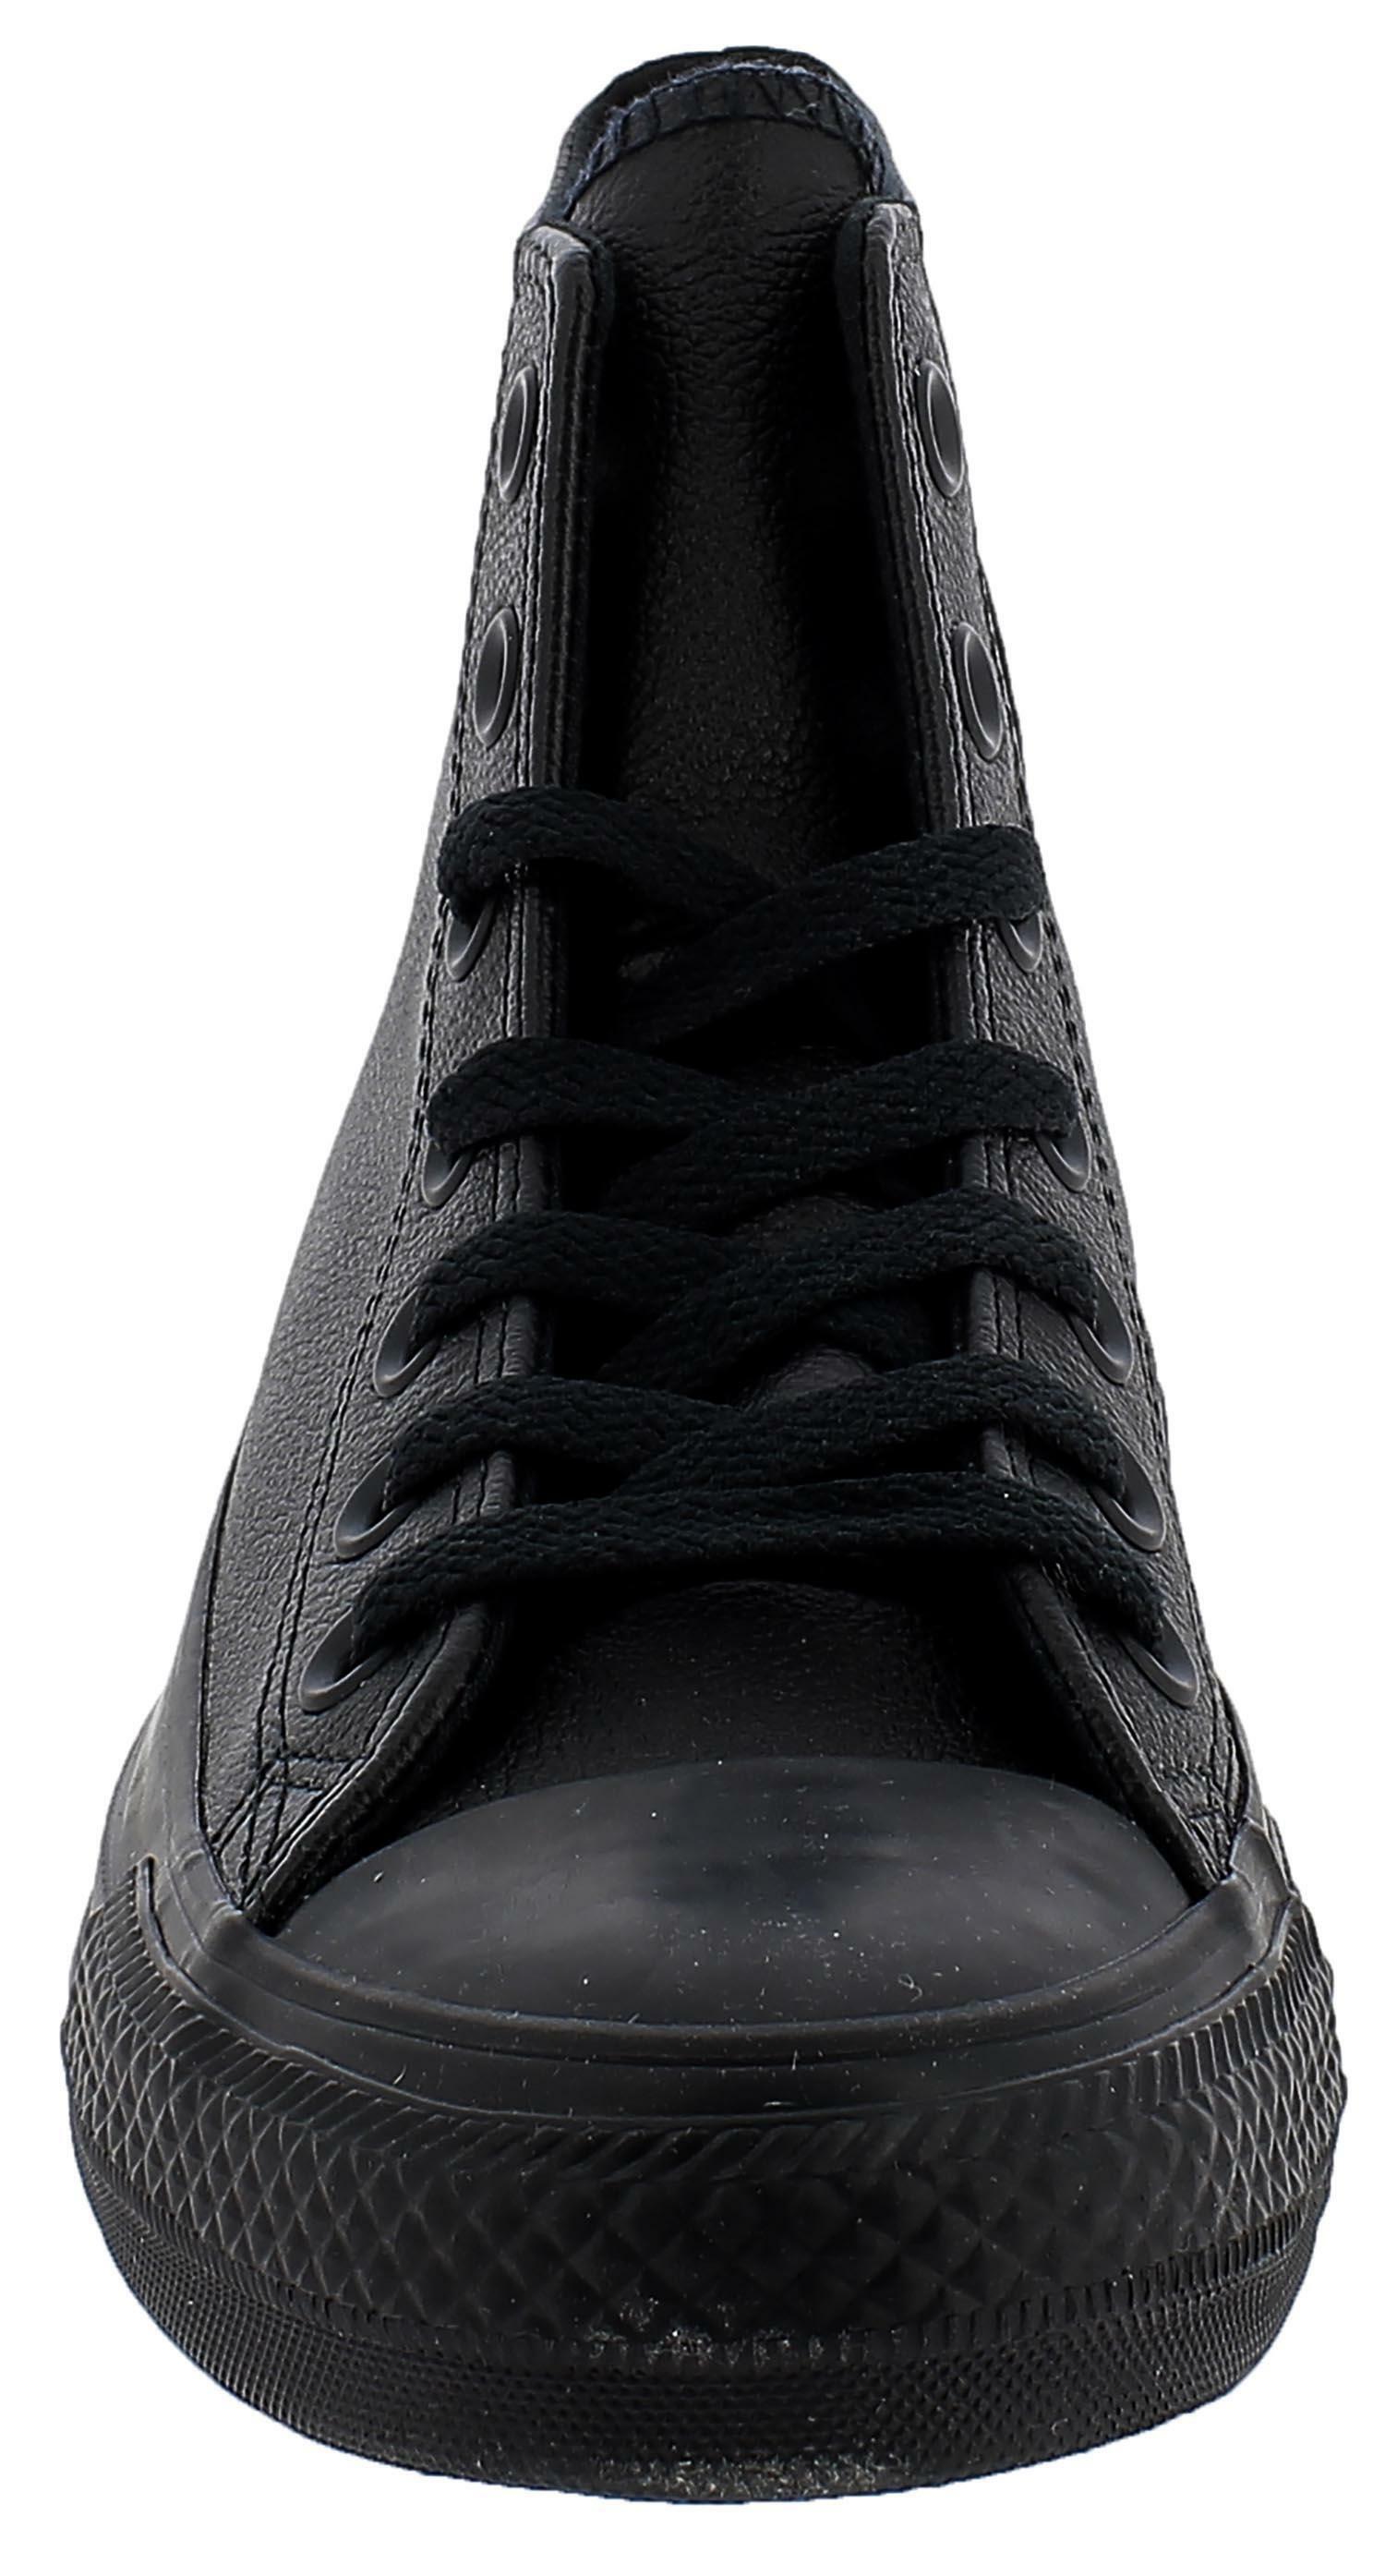 converse converse all star ct a/s lea hi scarpe donna nere pelle 1t405